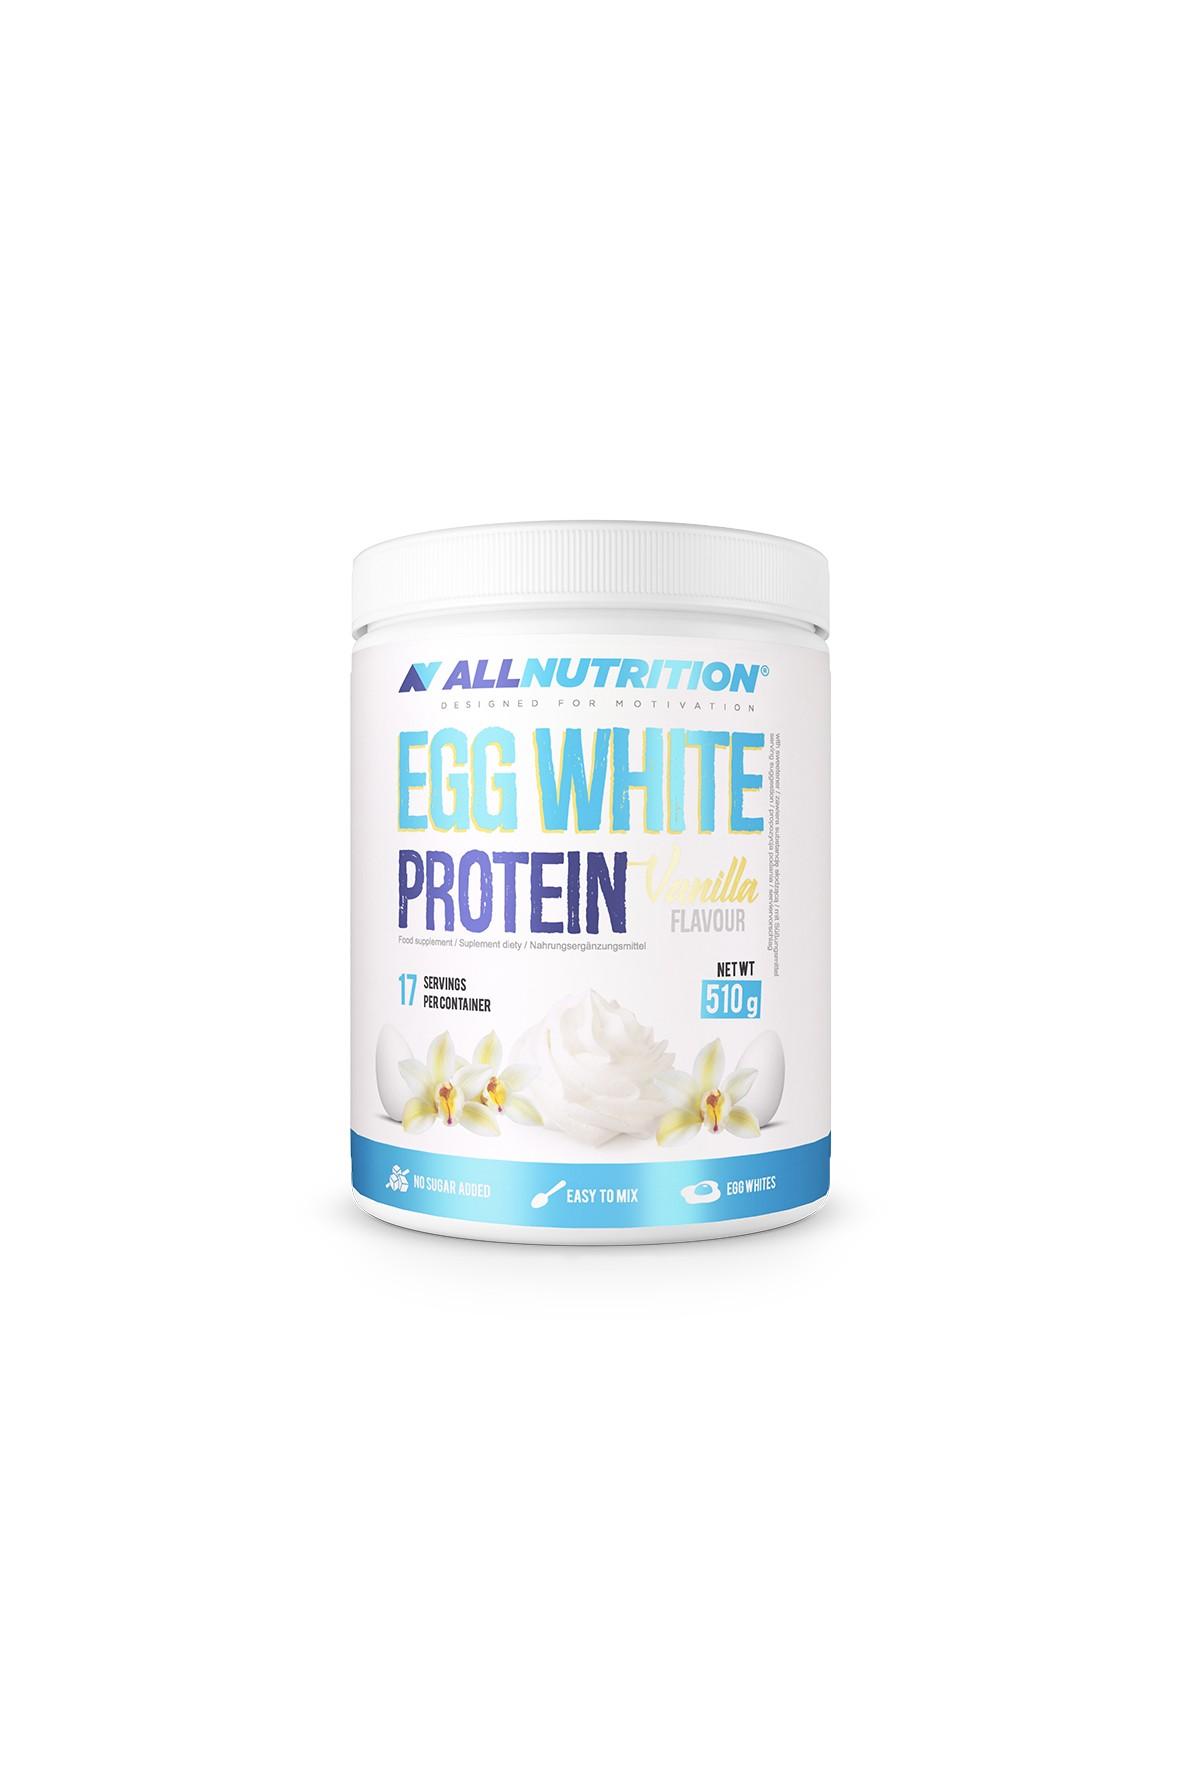 Suplementy diety - Allnutrition  Egg White Protein  - 510 g  Vanilla